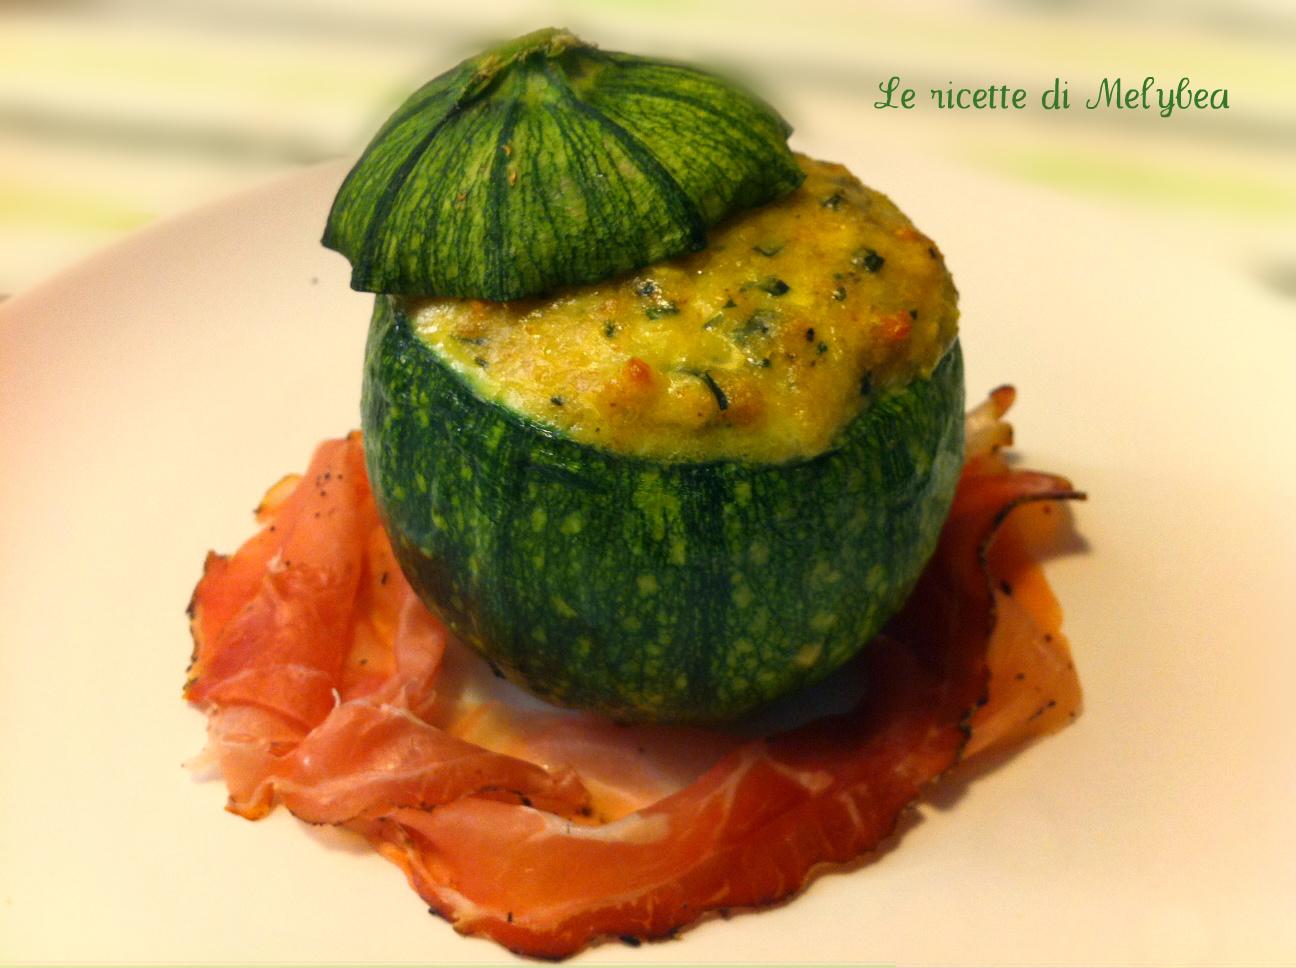 Zucchine tonde ripiene le ricette di melybea for Cucinare zucchine tonde